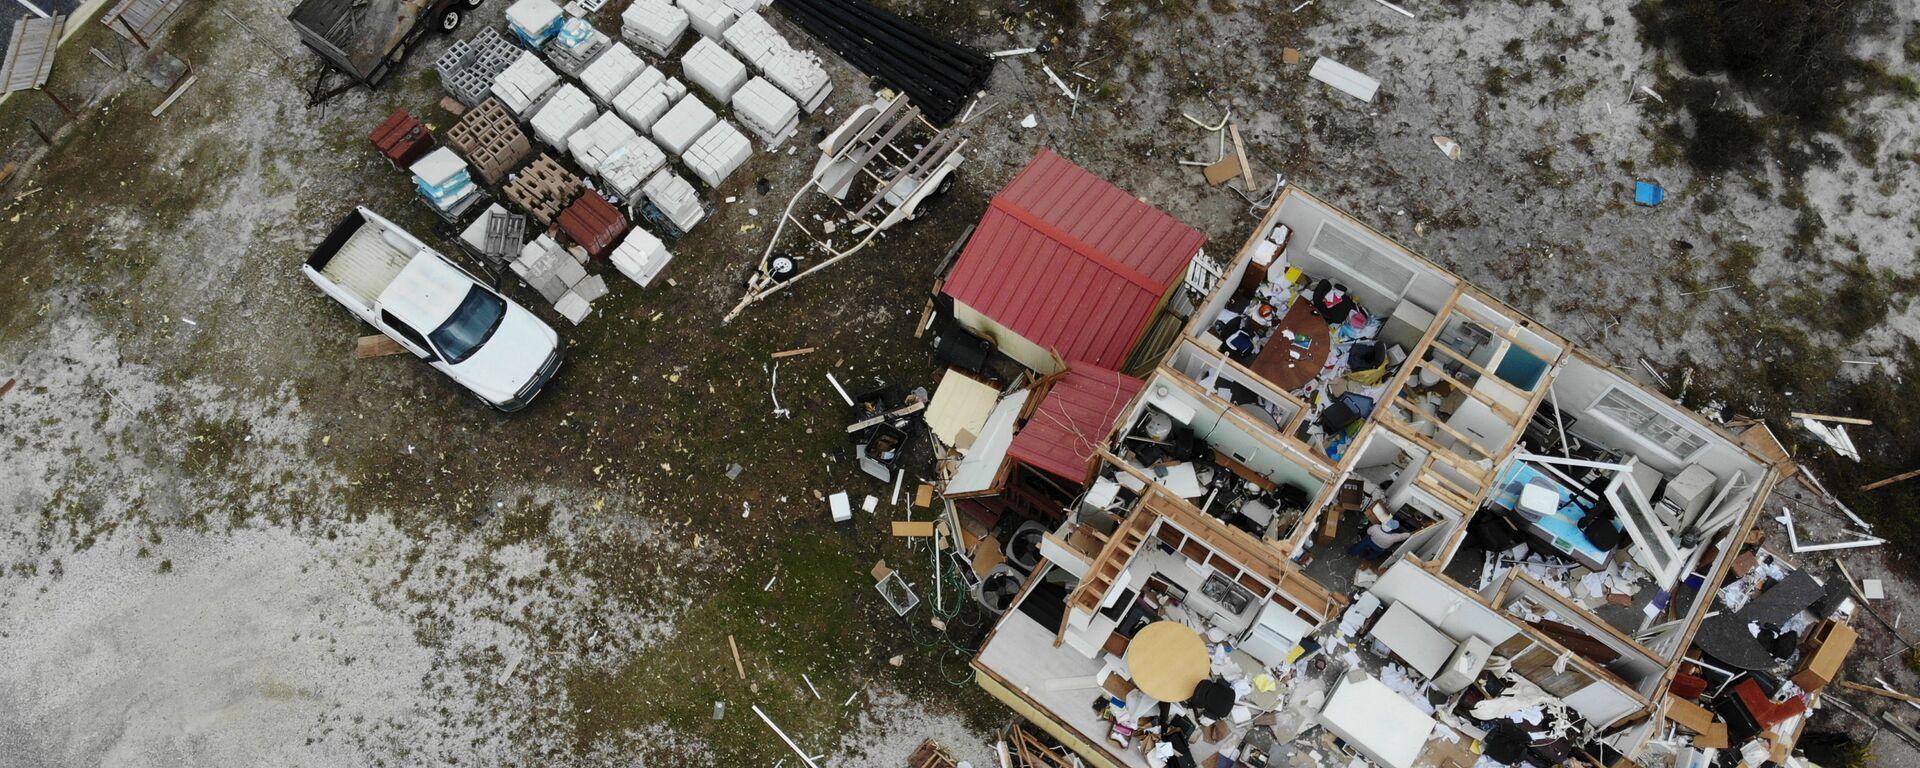 Разрушенный во время урагана Салли дом, США - Sputnik Таджикистан, 1920, 23.07.2021